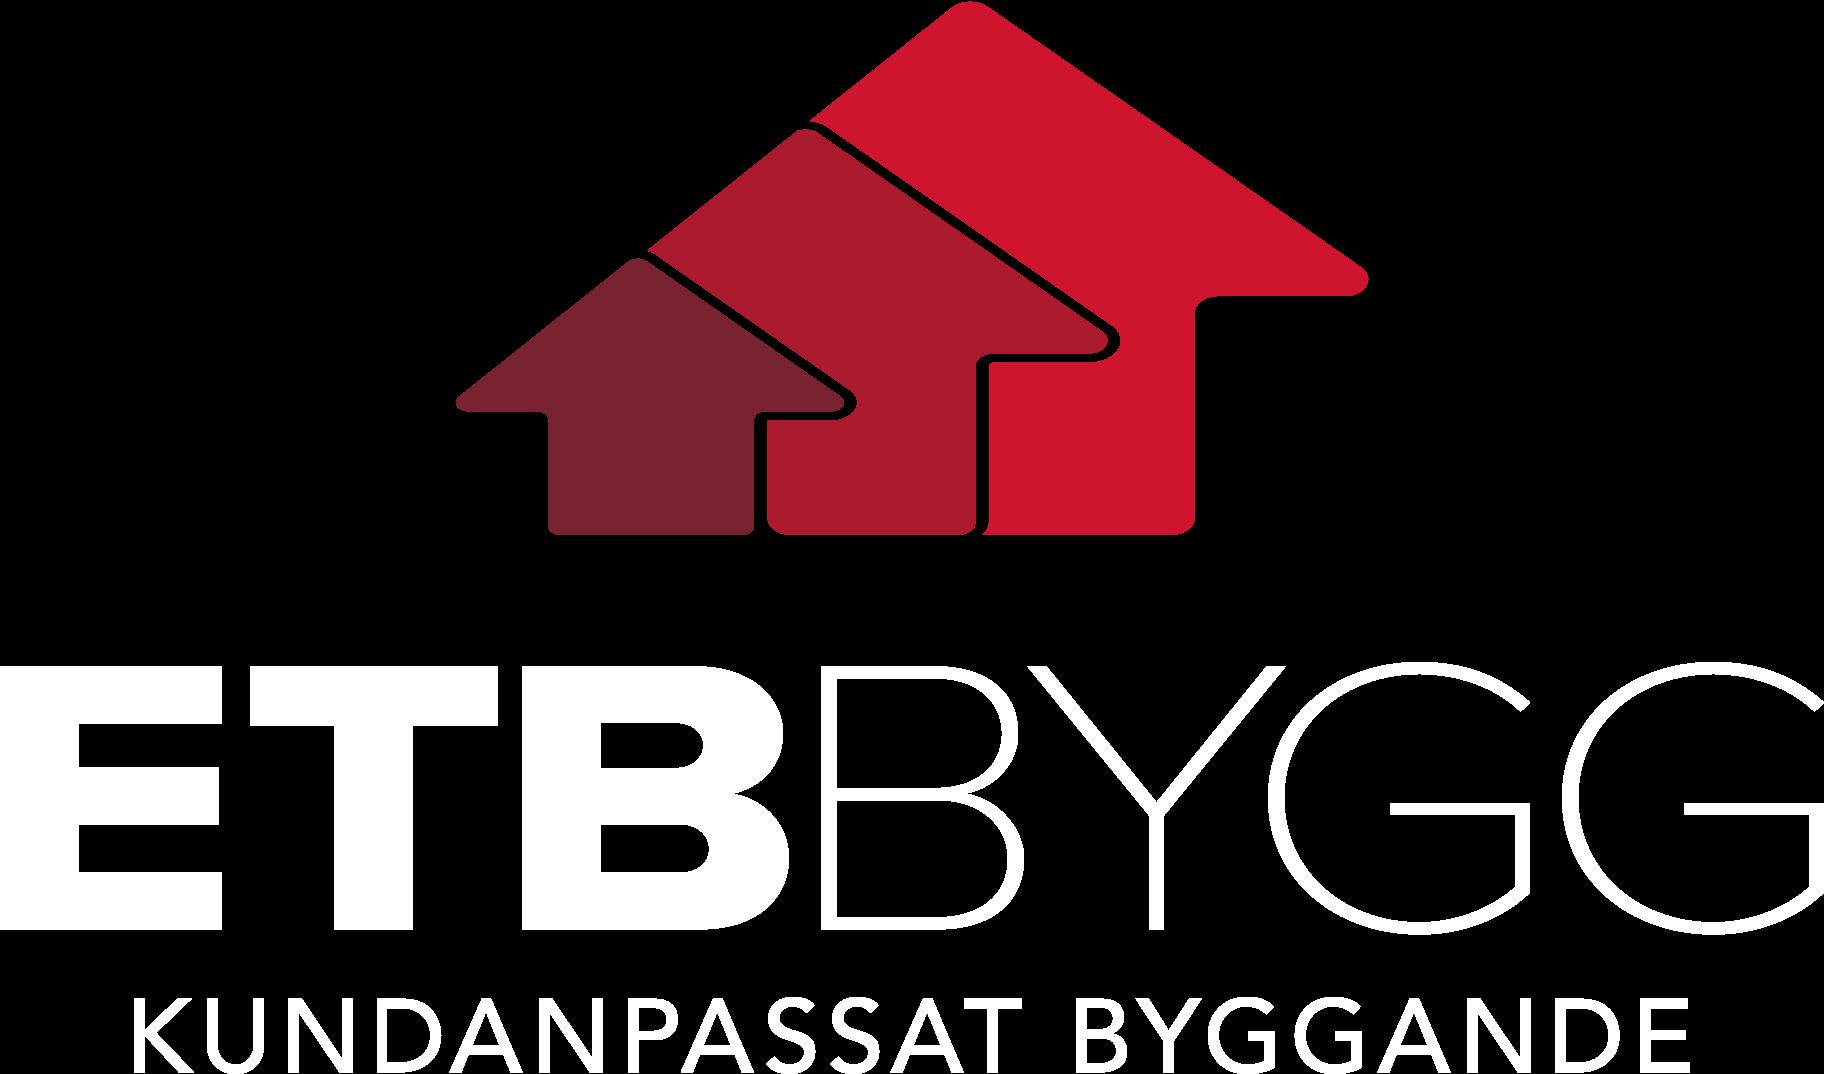 ETB Bygg